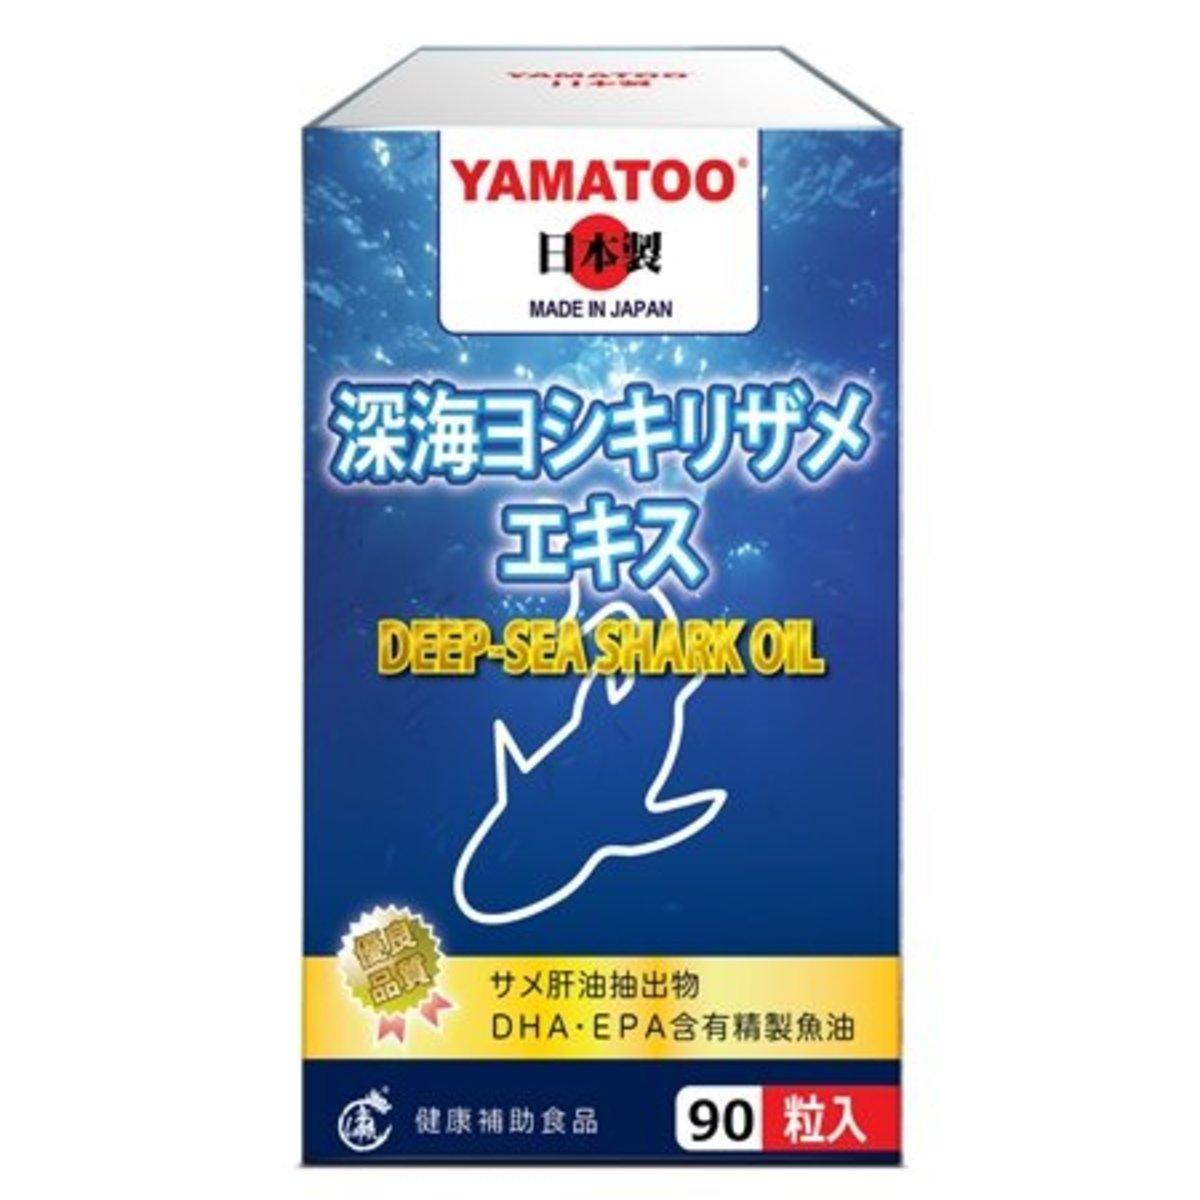 YAMATOO - Purified fish oil